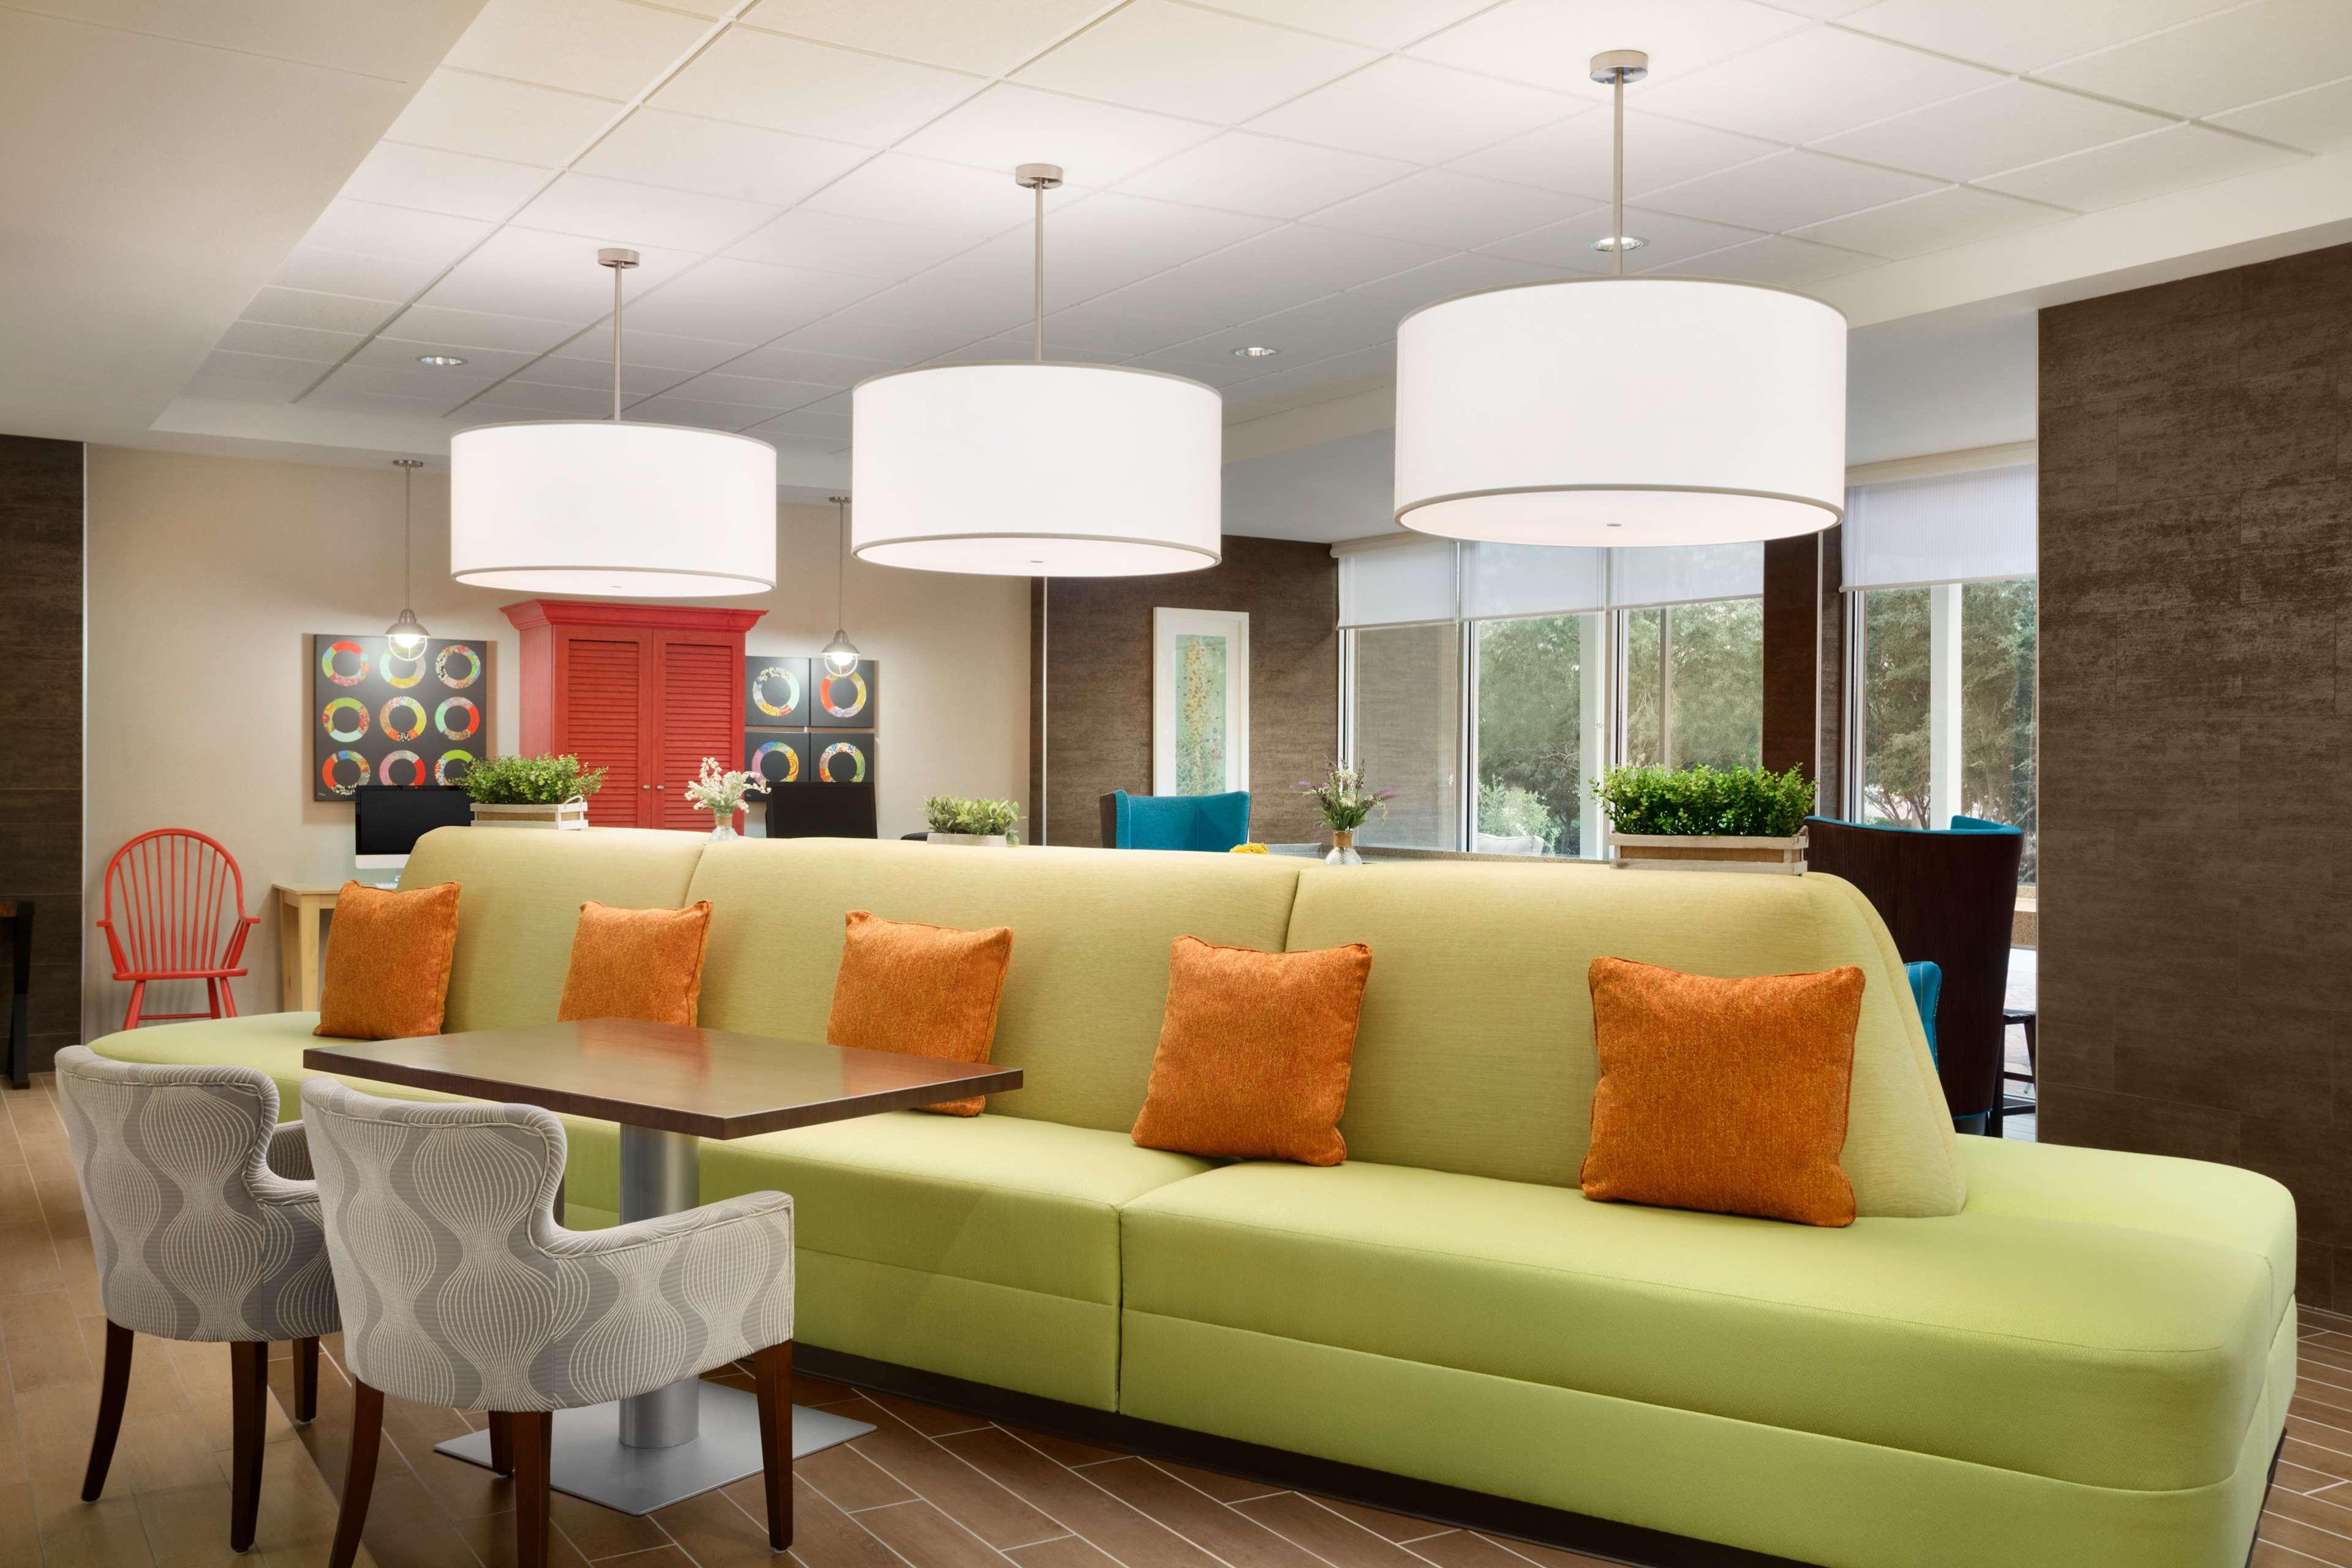 Home2 Suites by Hilton McAllen image 4